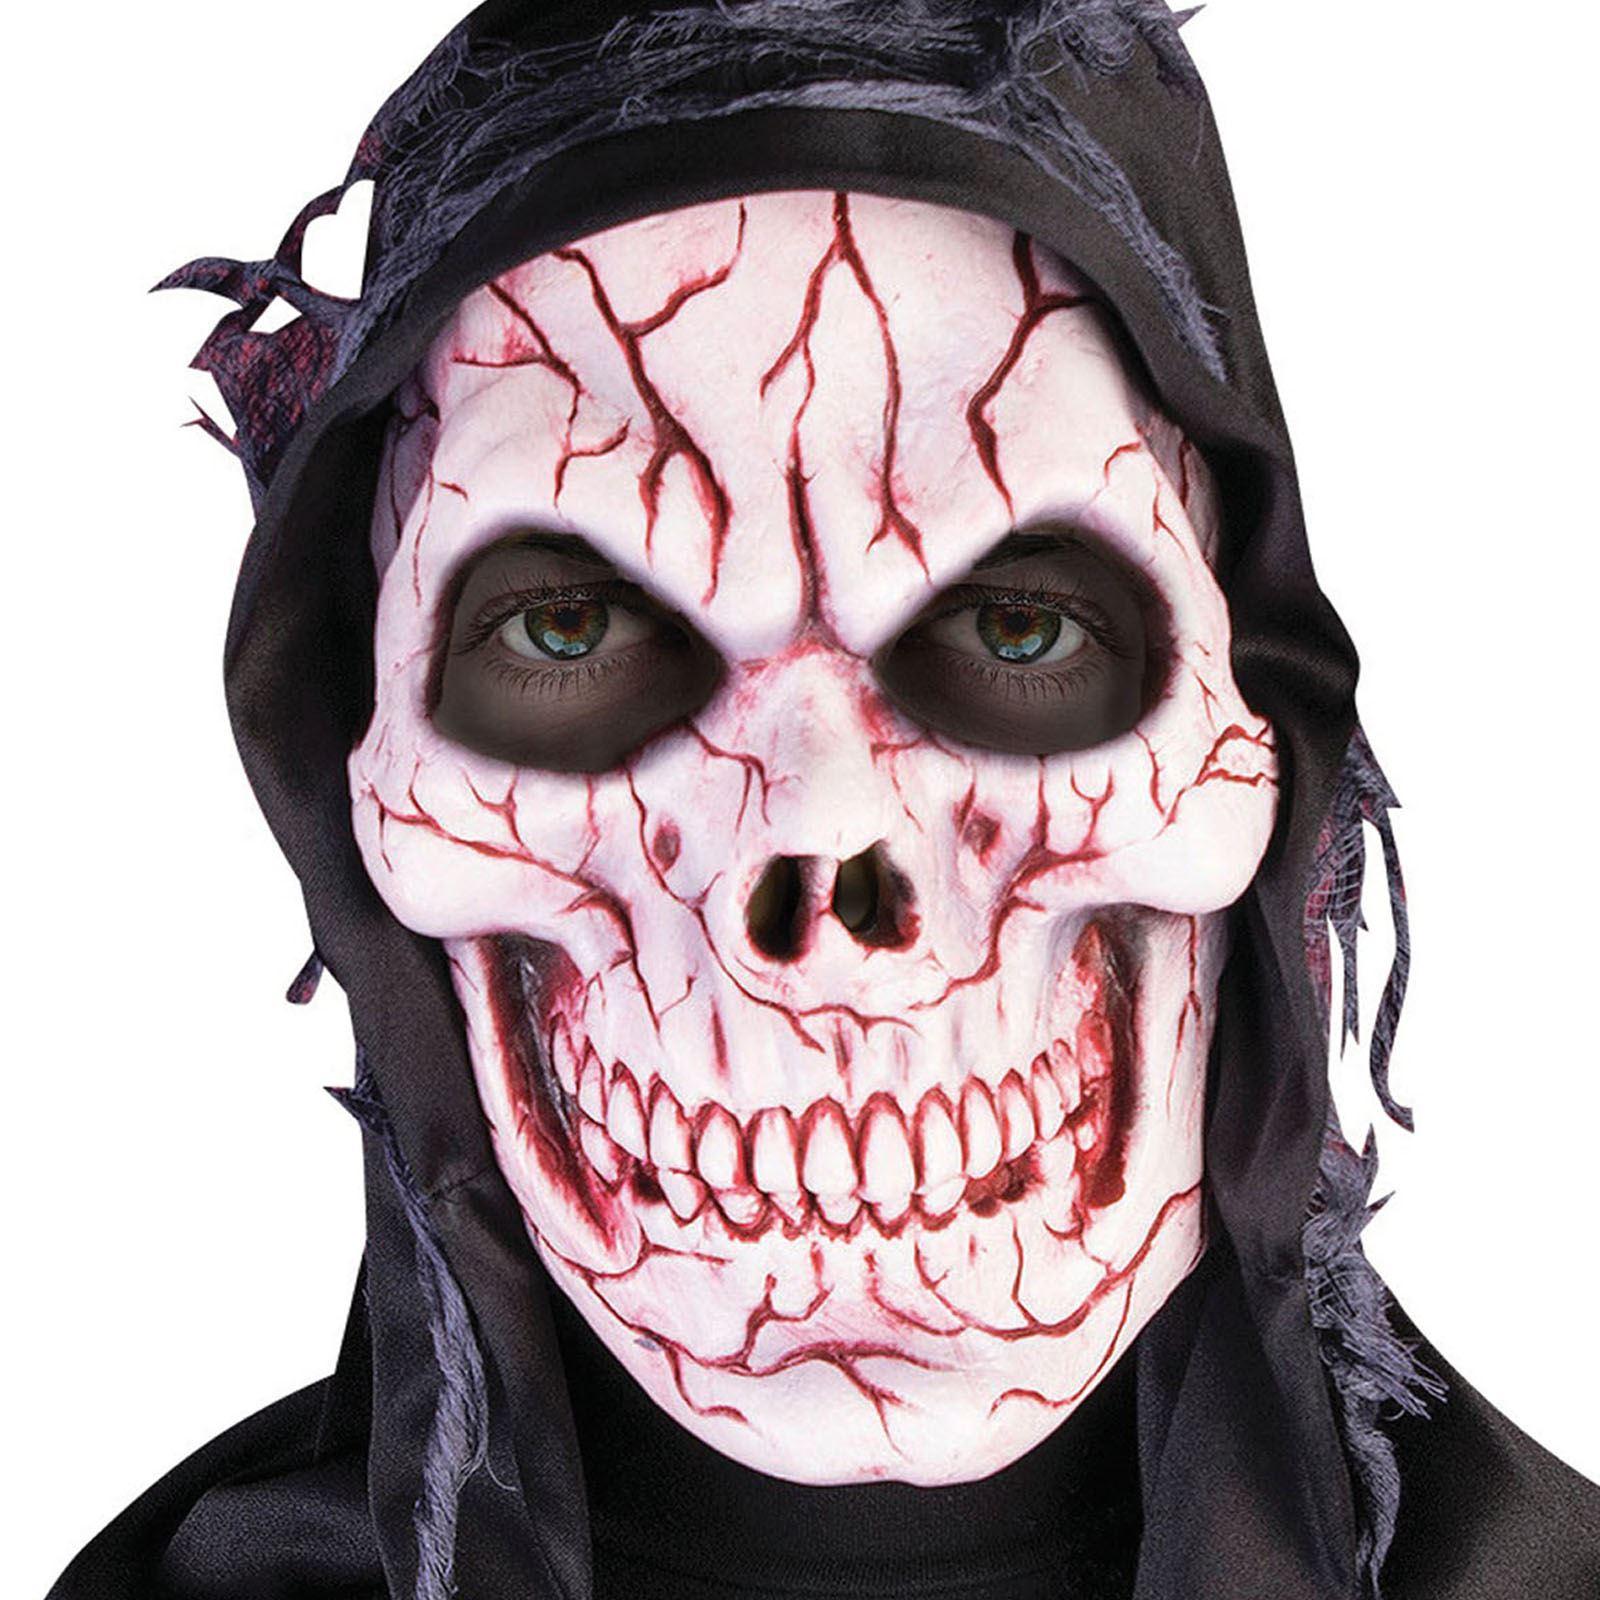 Con cappuccio teschio insanguinato Maschera Mietitore Zombie Horror Halloween DIABLO DIAVOLO Overhead UK